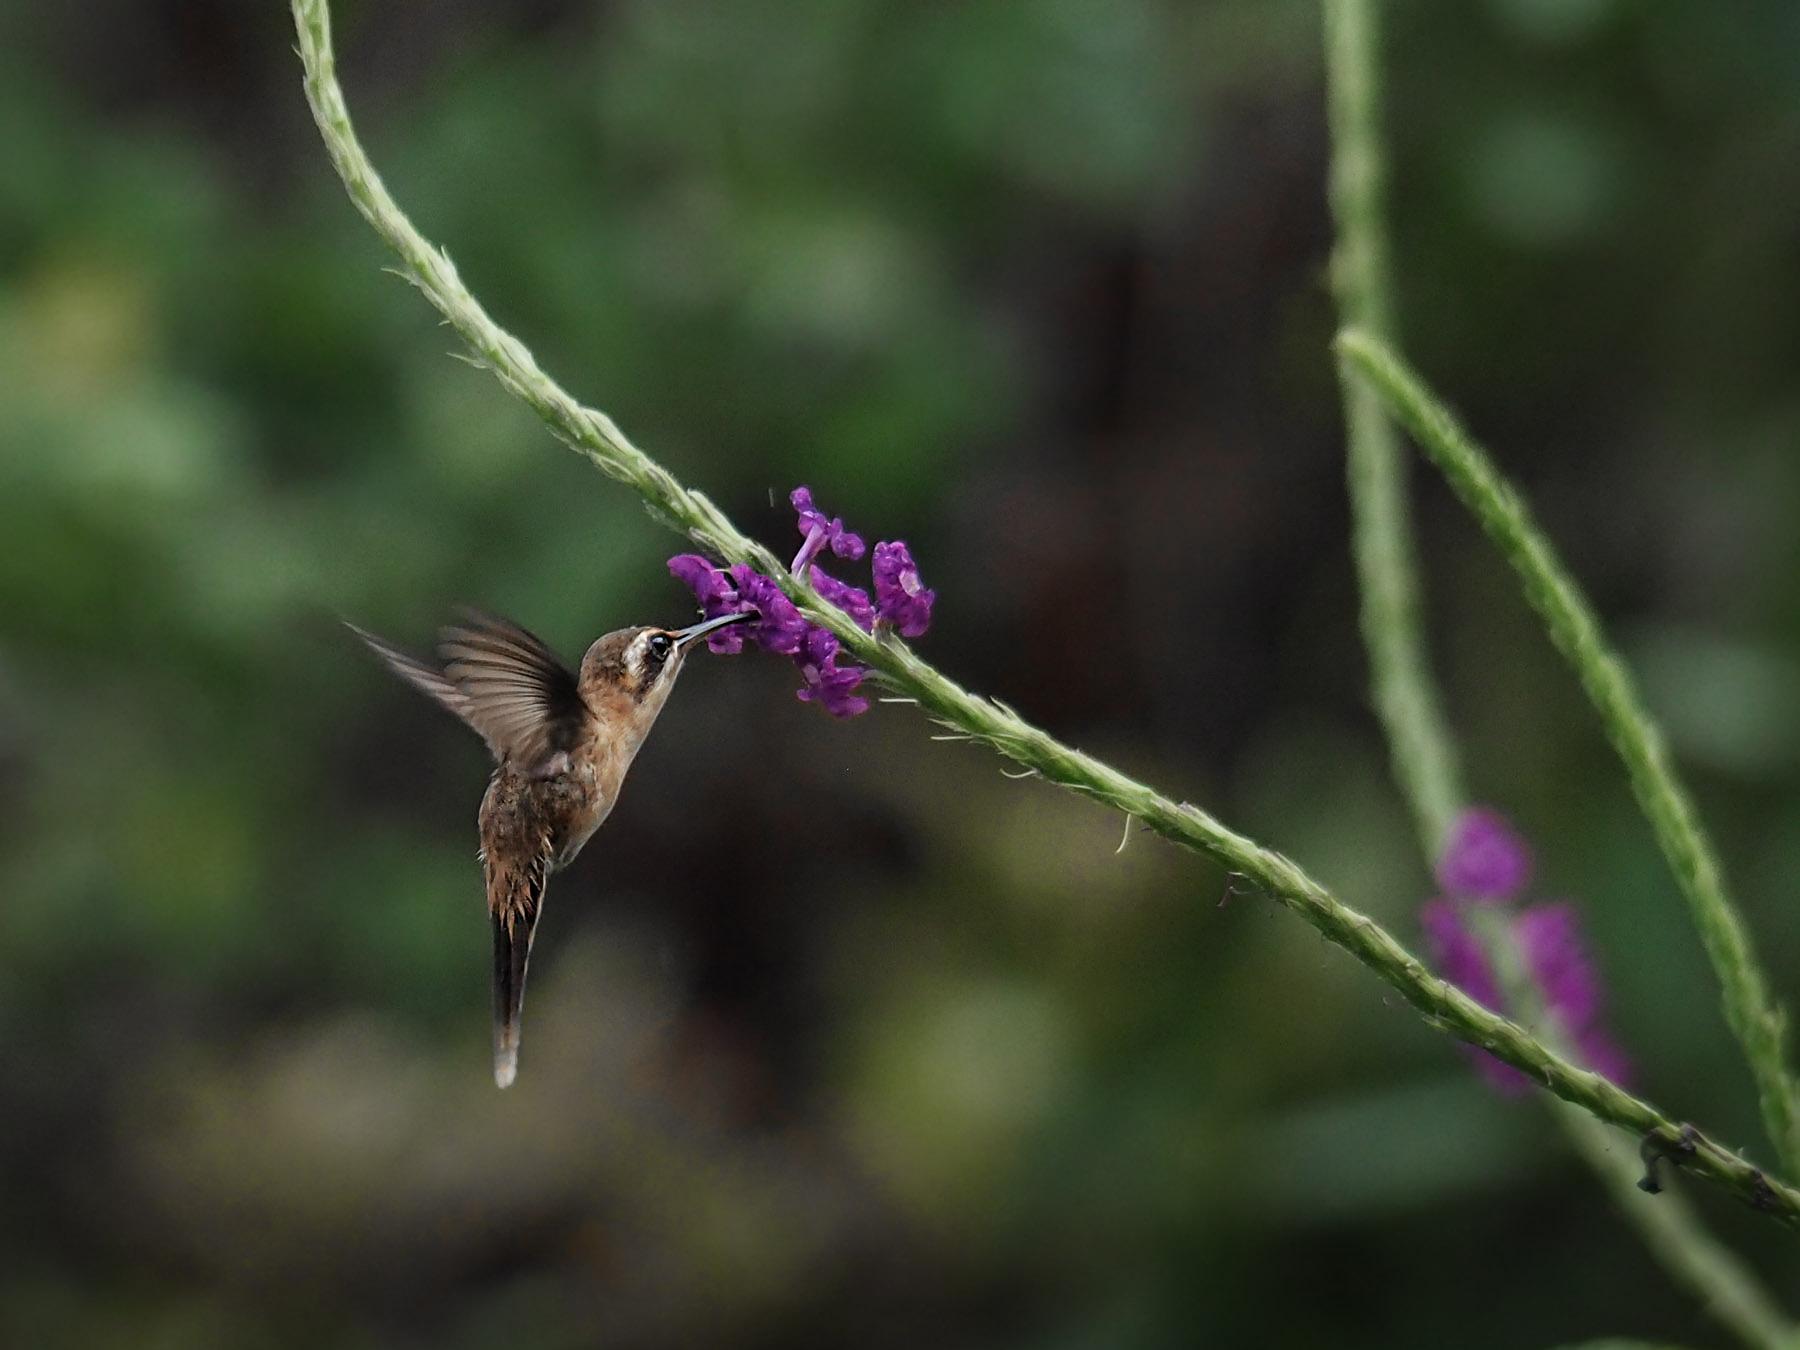 Ein eher unscheinbarer Kolibri